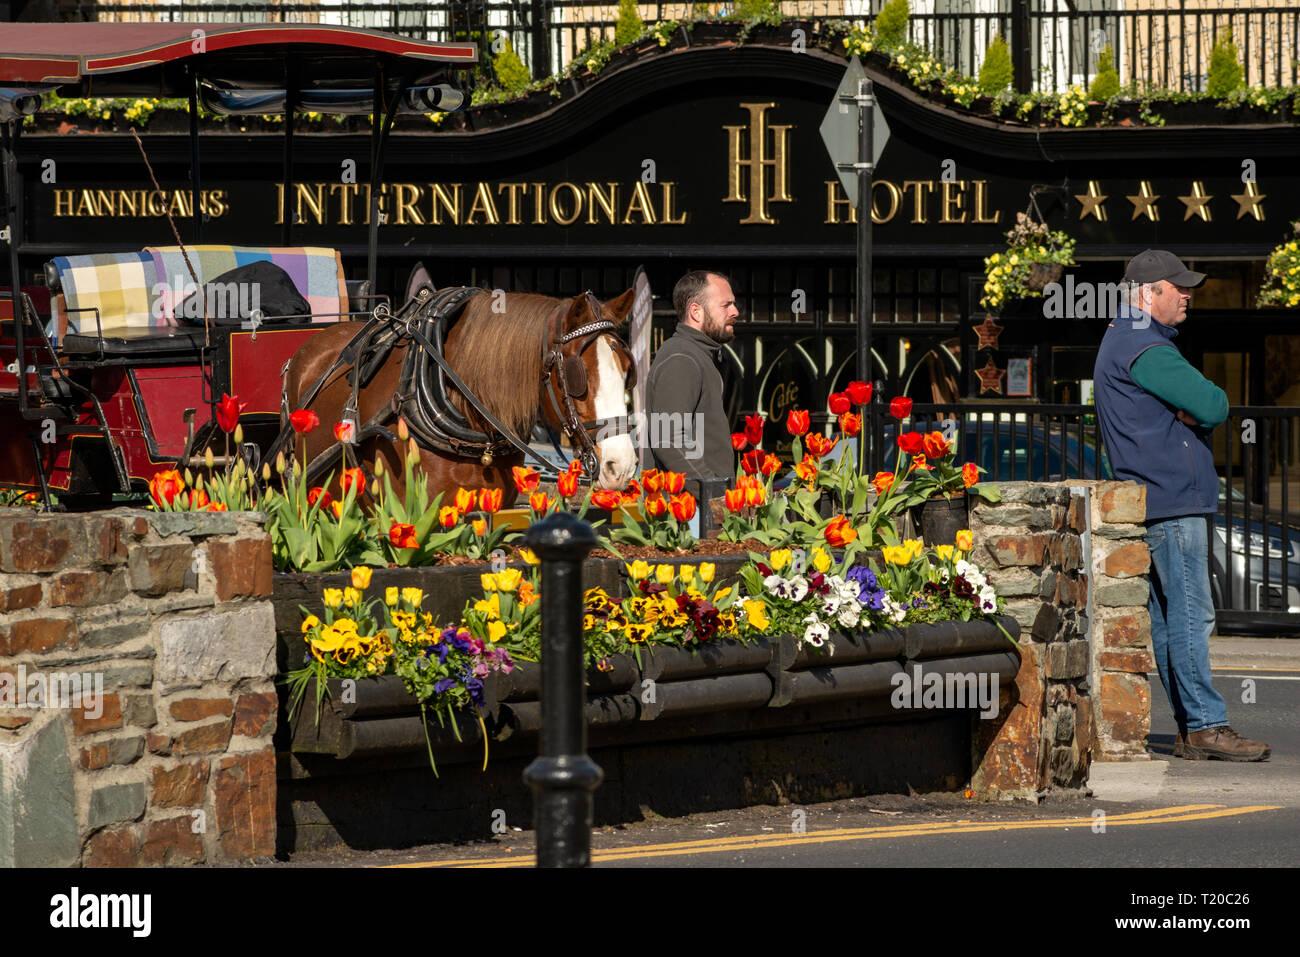 Jarveys in attesa di clienti presso la International Hotel nel centro cittadino di Killarney sulla luminosa mattina di sole. Tutti i giorni al solito vista in Killarney County Kerry Immagini Stock